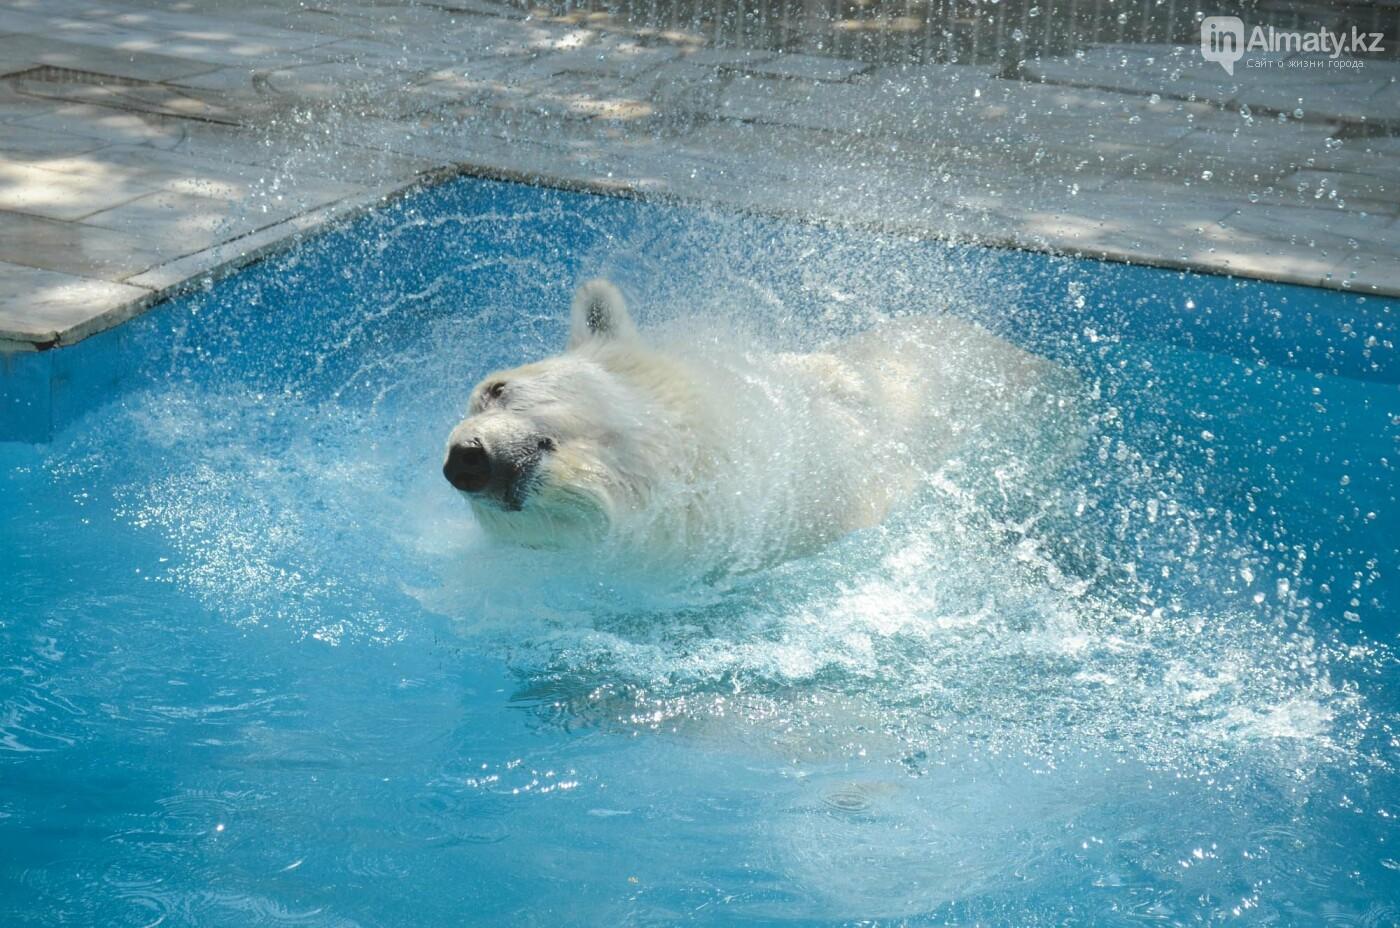 В Алматинском зоопарке показали, как живет пожилой медведь Алькор (видео), фото-1